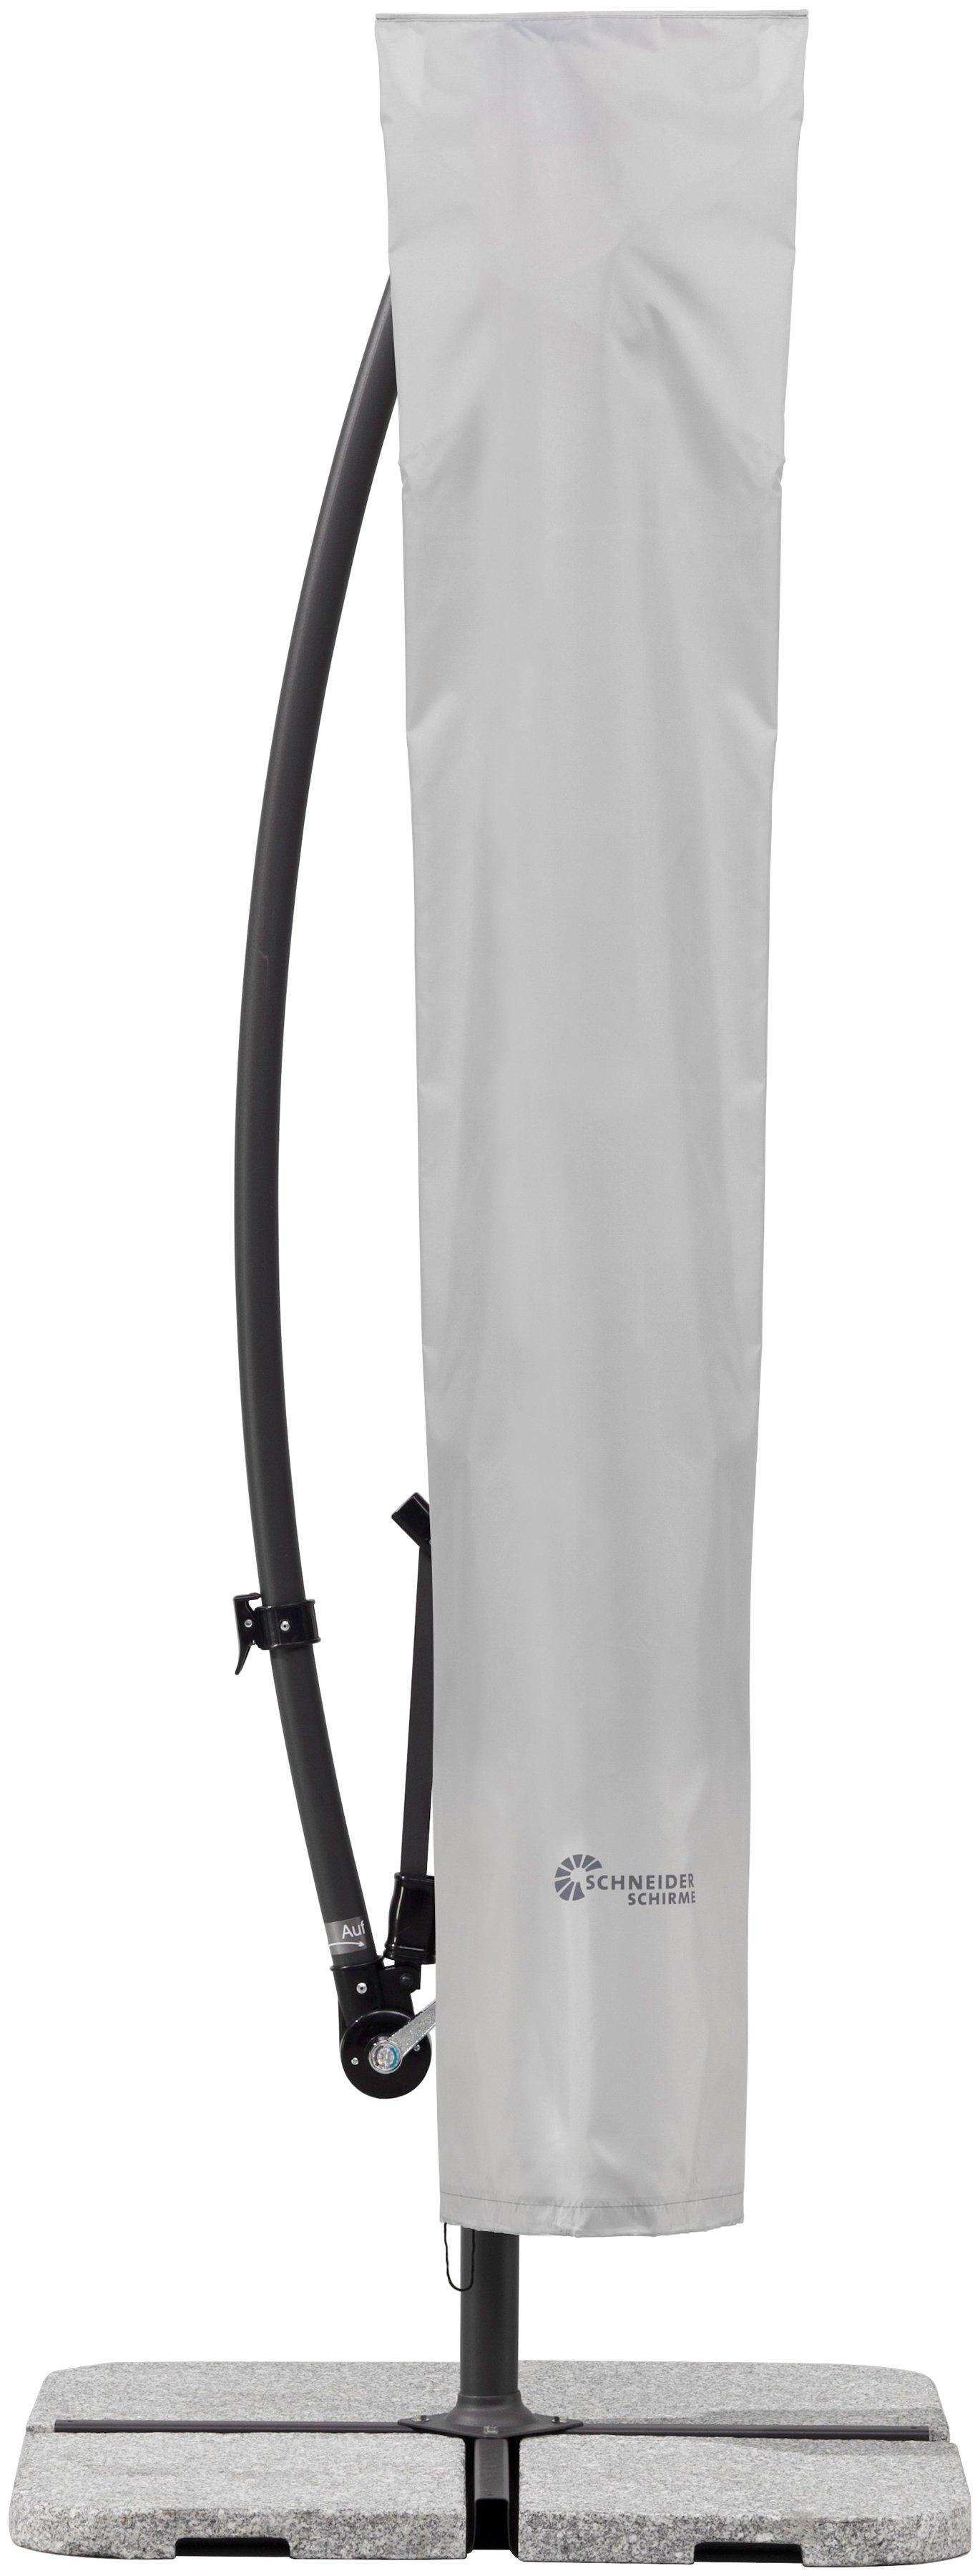 Schneider Schirme SCHNEIDER parasols Beschermhoes »813-00«, voor zwevende parasols tot Ø 300 cm voordelig en veilig online kopen